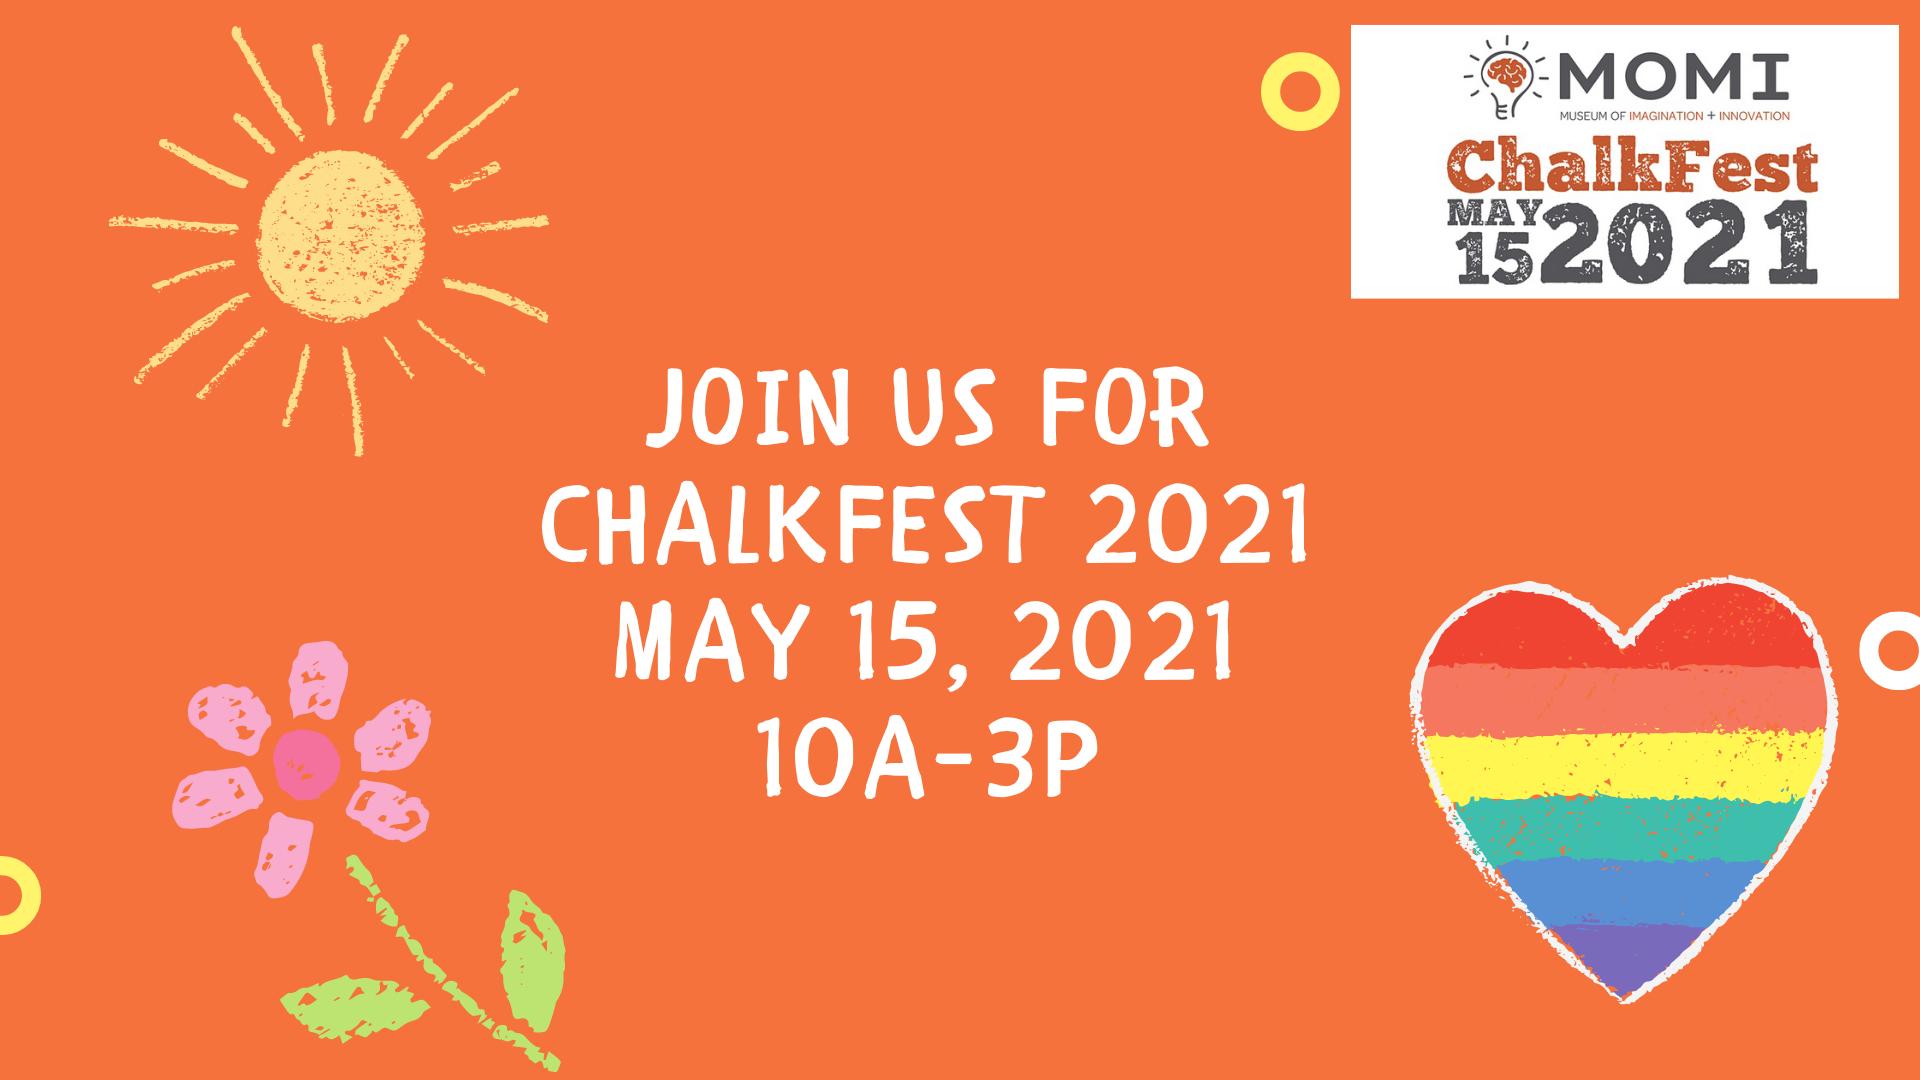 Chalkfest 2021